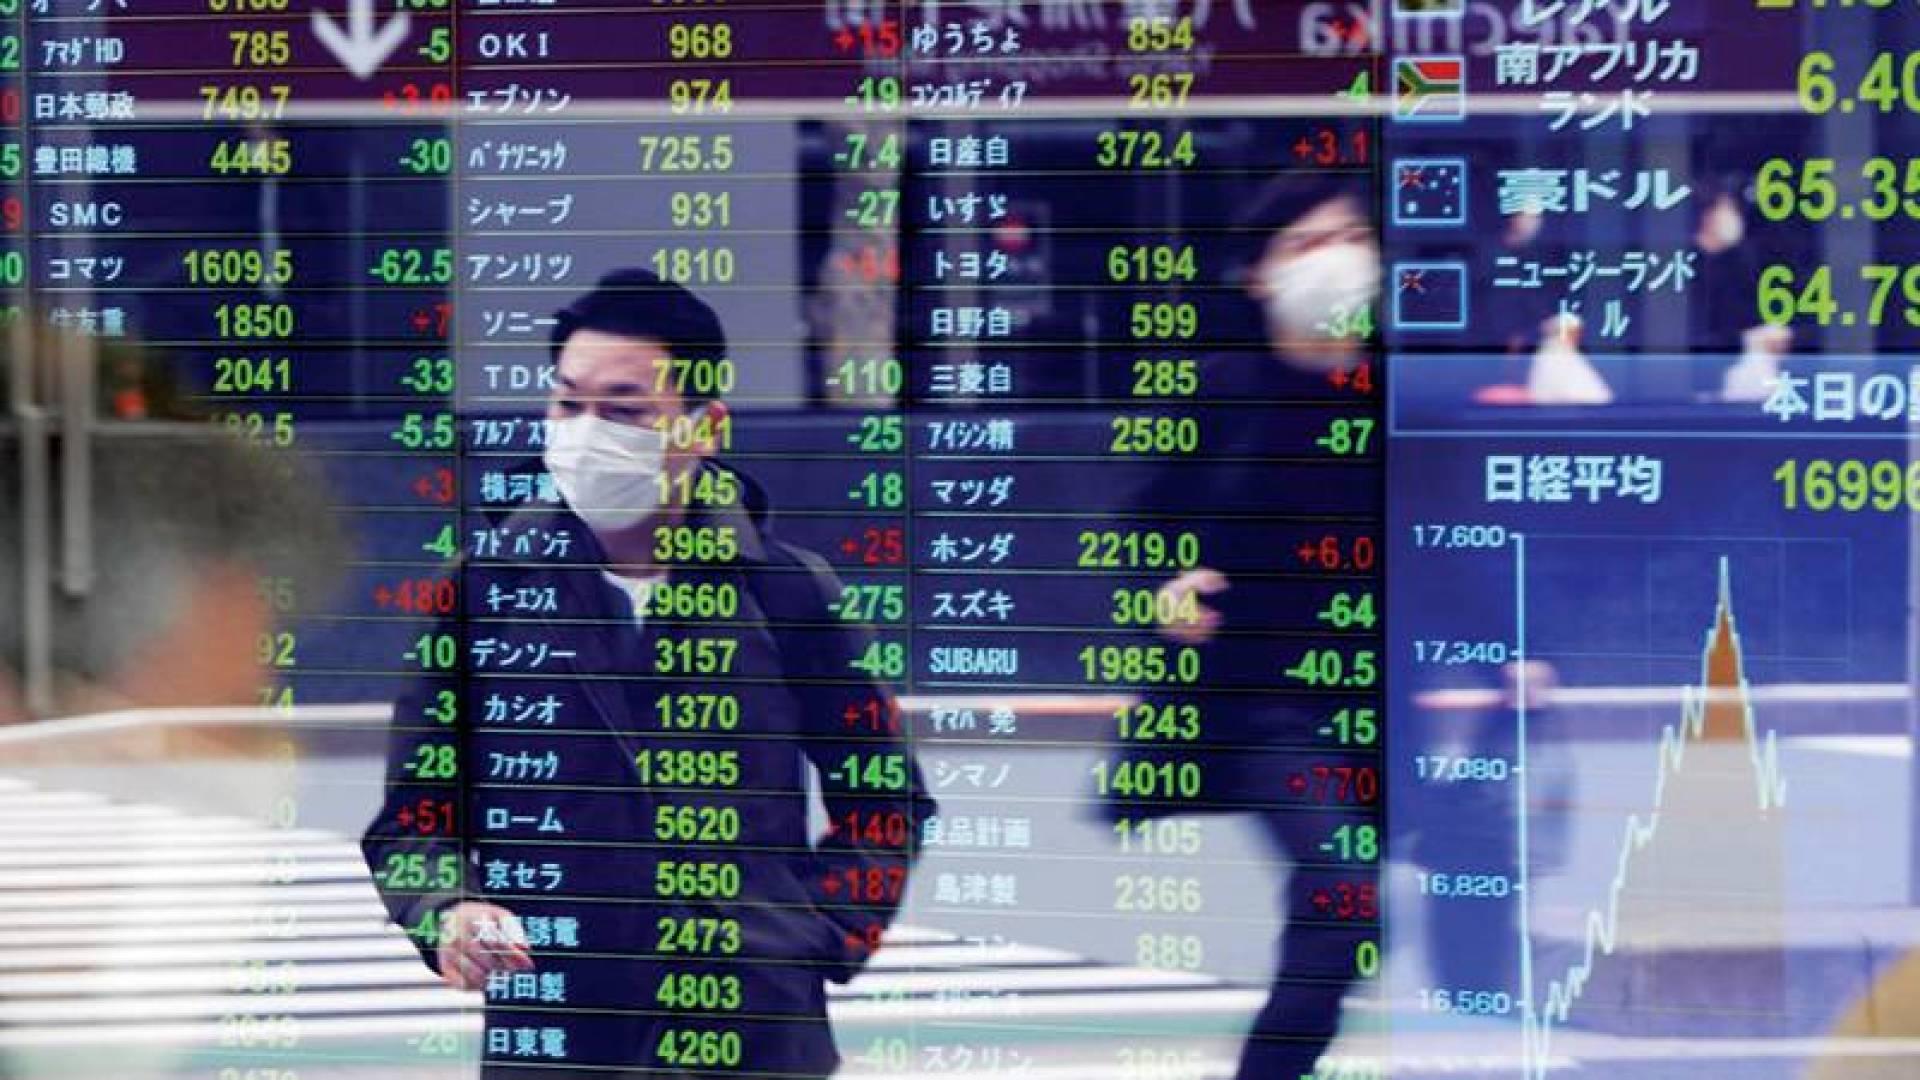 السبب الرئيسي للنجاح الذي حققته كوريا الجنوبية قدرتها على احتواء الوباء